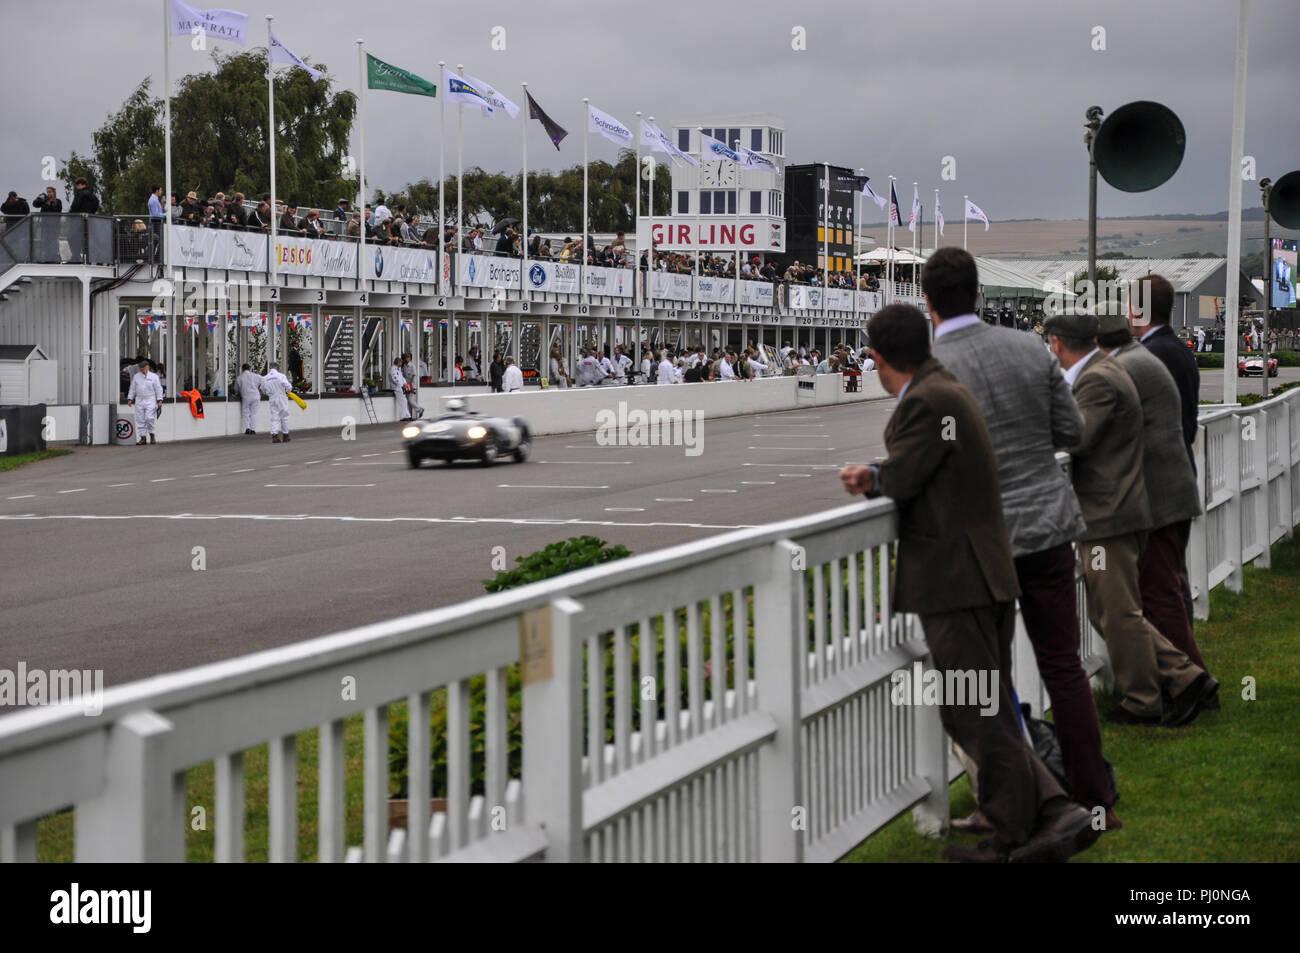 Die Goodwood Revival Die Freddie März Memorial Trophy Rennen, Ausdauer abend Rasse, mit Menschen in Kostümen zu beobachten. Racing Stockbild